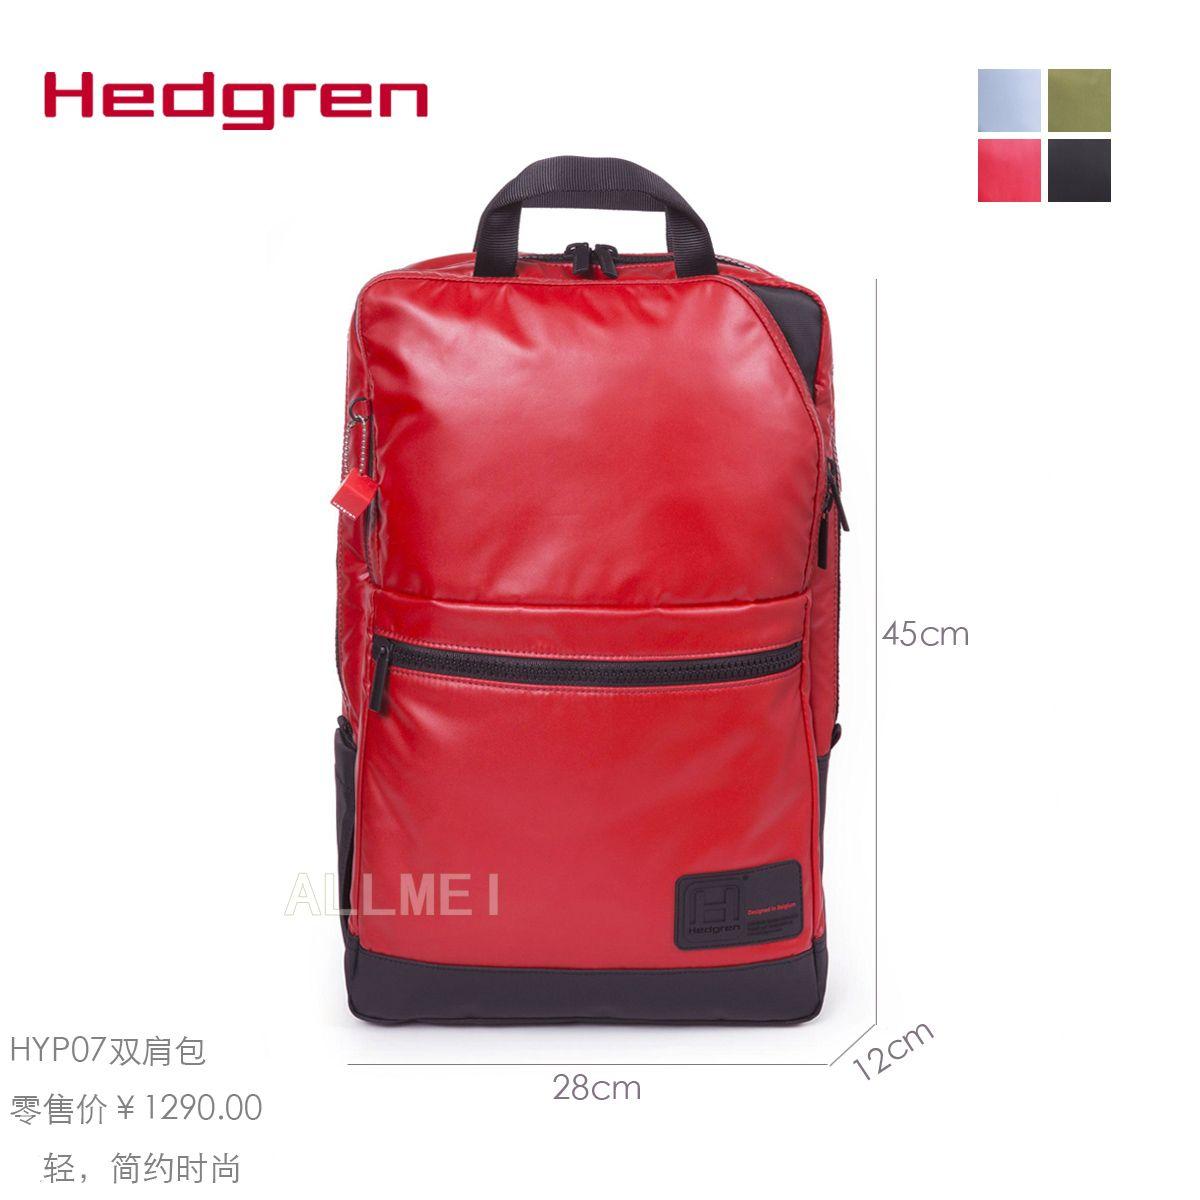 国内代购▲Hedgren海格林 HYP07 旅行运动背包双肩包28*45cm 正品